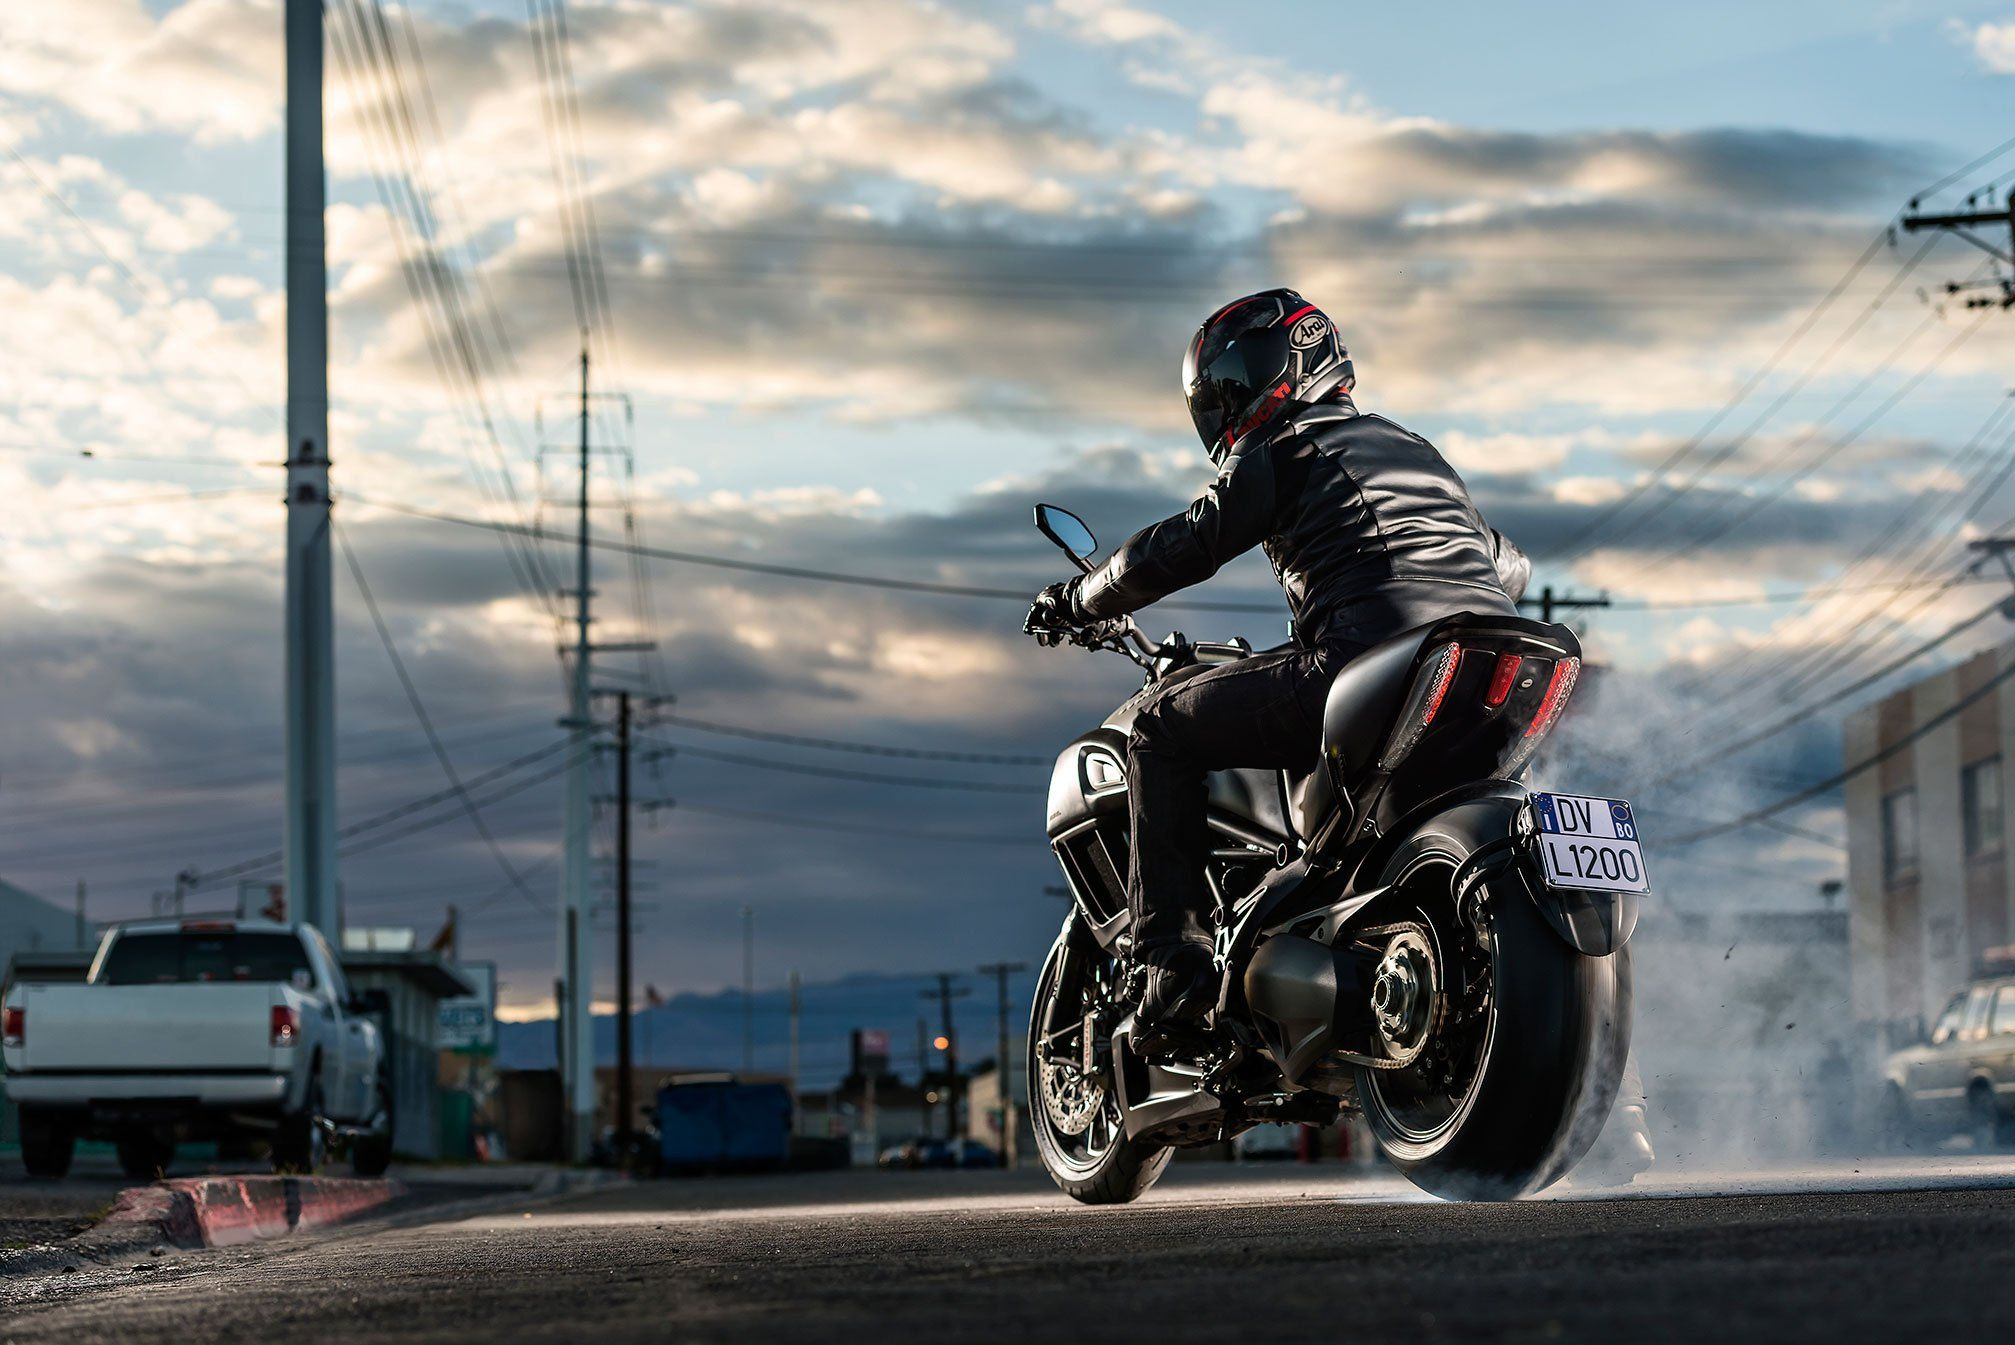 2015 Ducati Diavel motorbike bike motorcycle h Ducati diavel 2015x1345